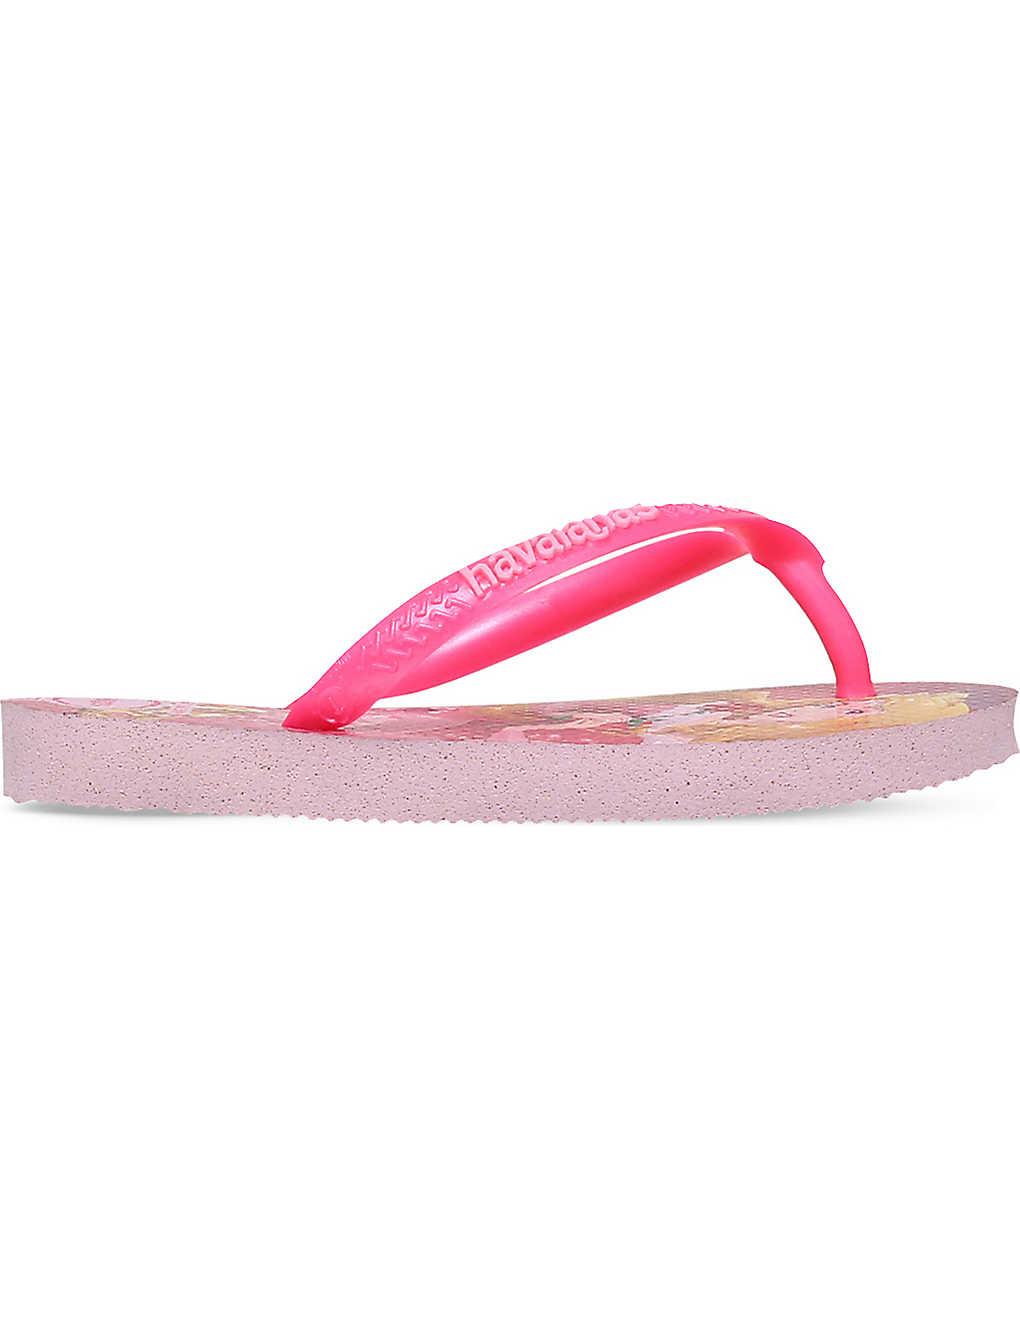 807299b19 HAVAIANAS - Kids slim princess rubber flip-flops 3-9 years ...